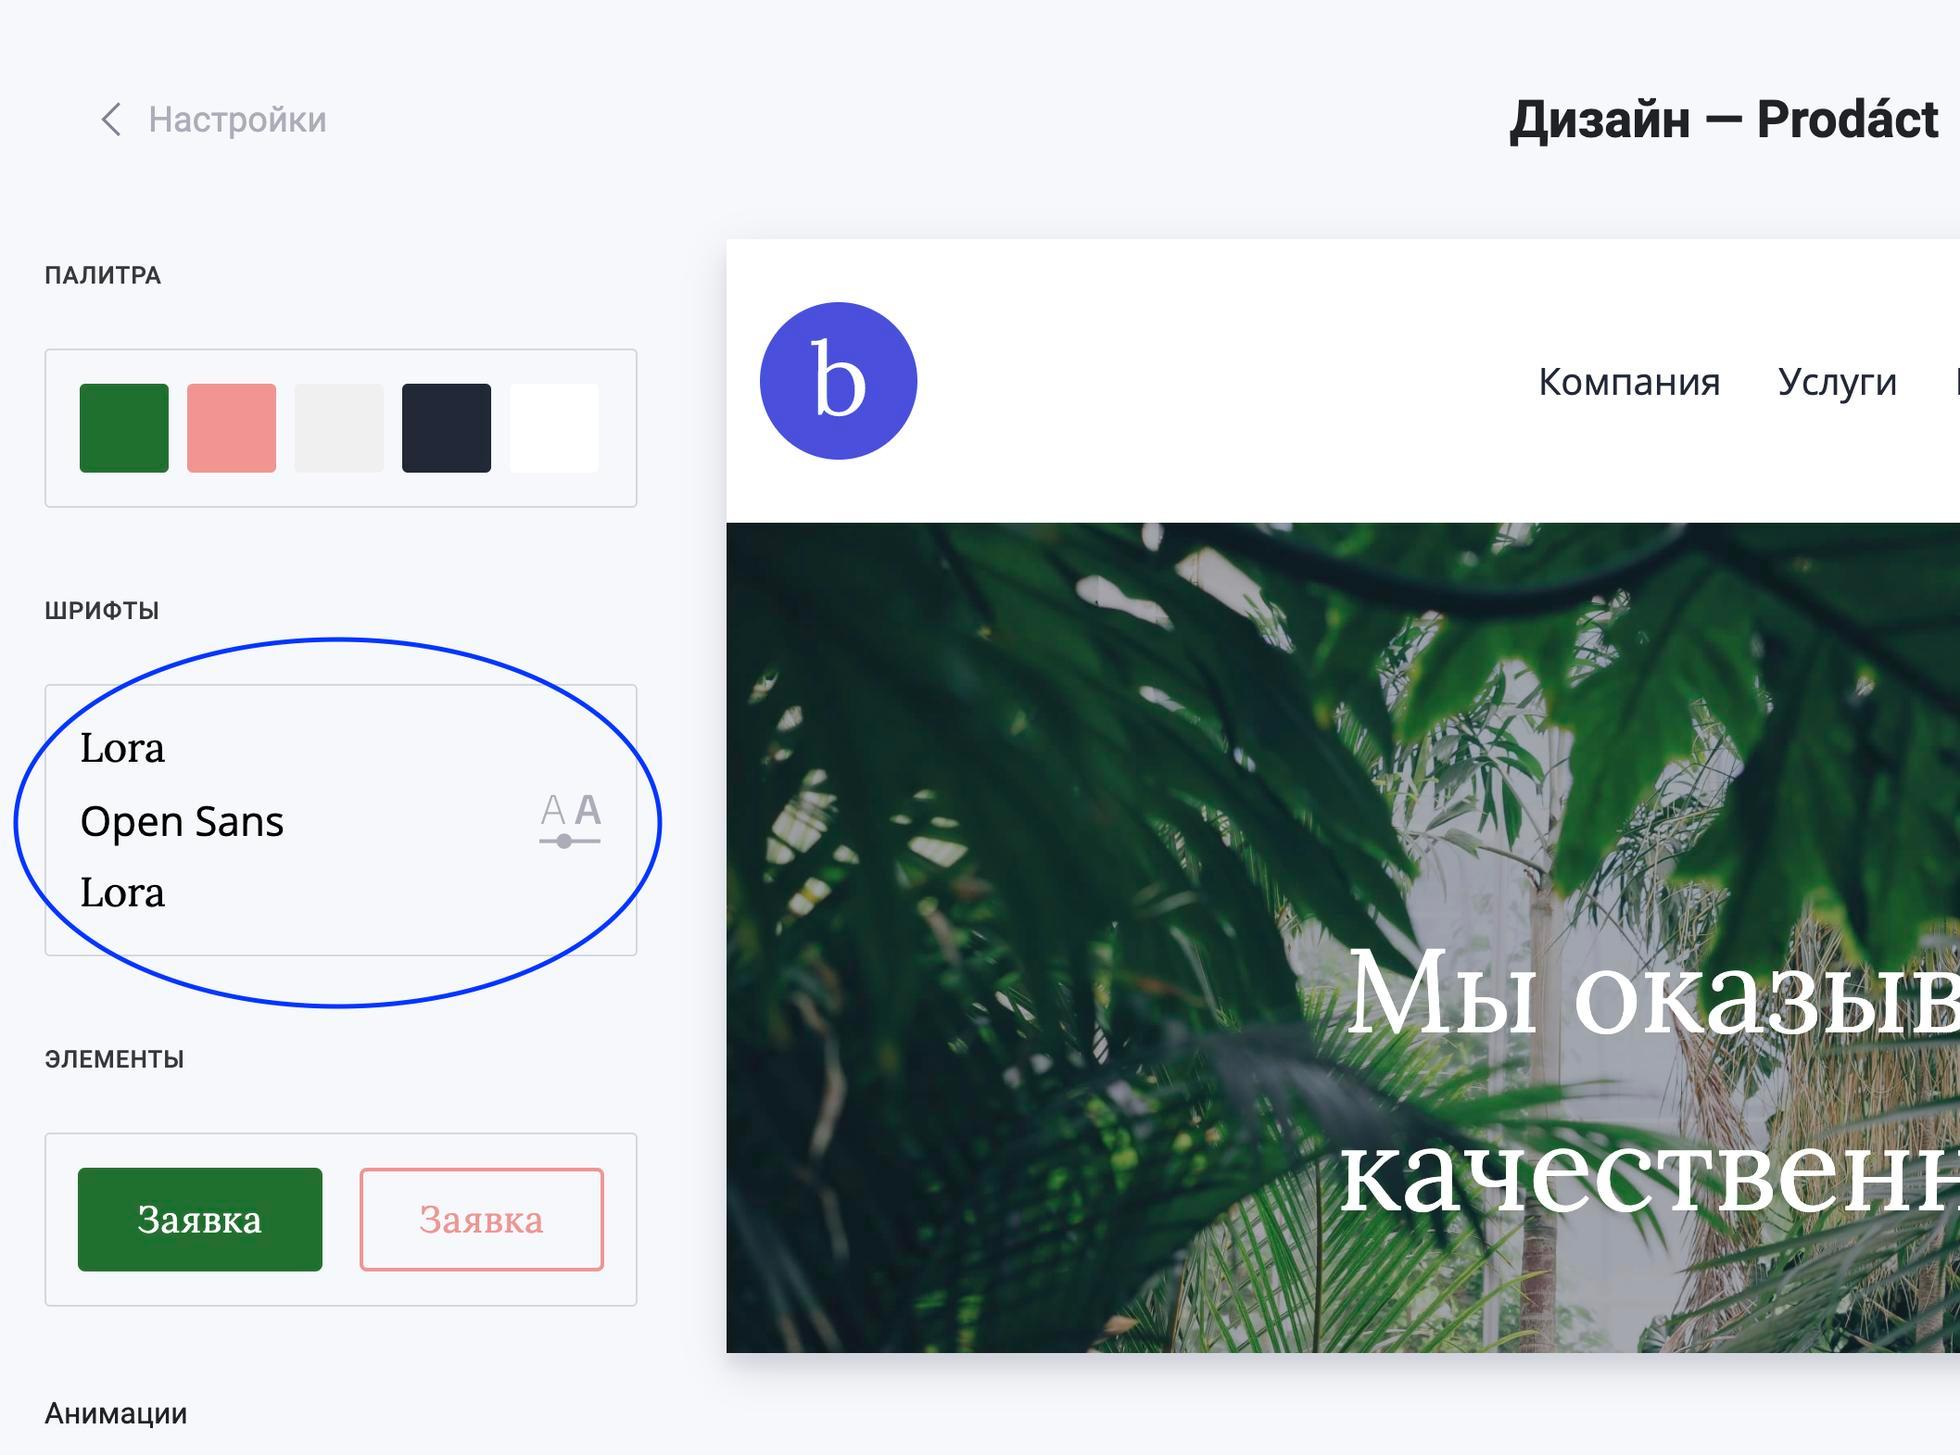 Сделанные изменения применяются сразу же и отображаются в окне с сайтом справа.